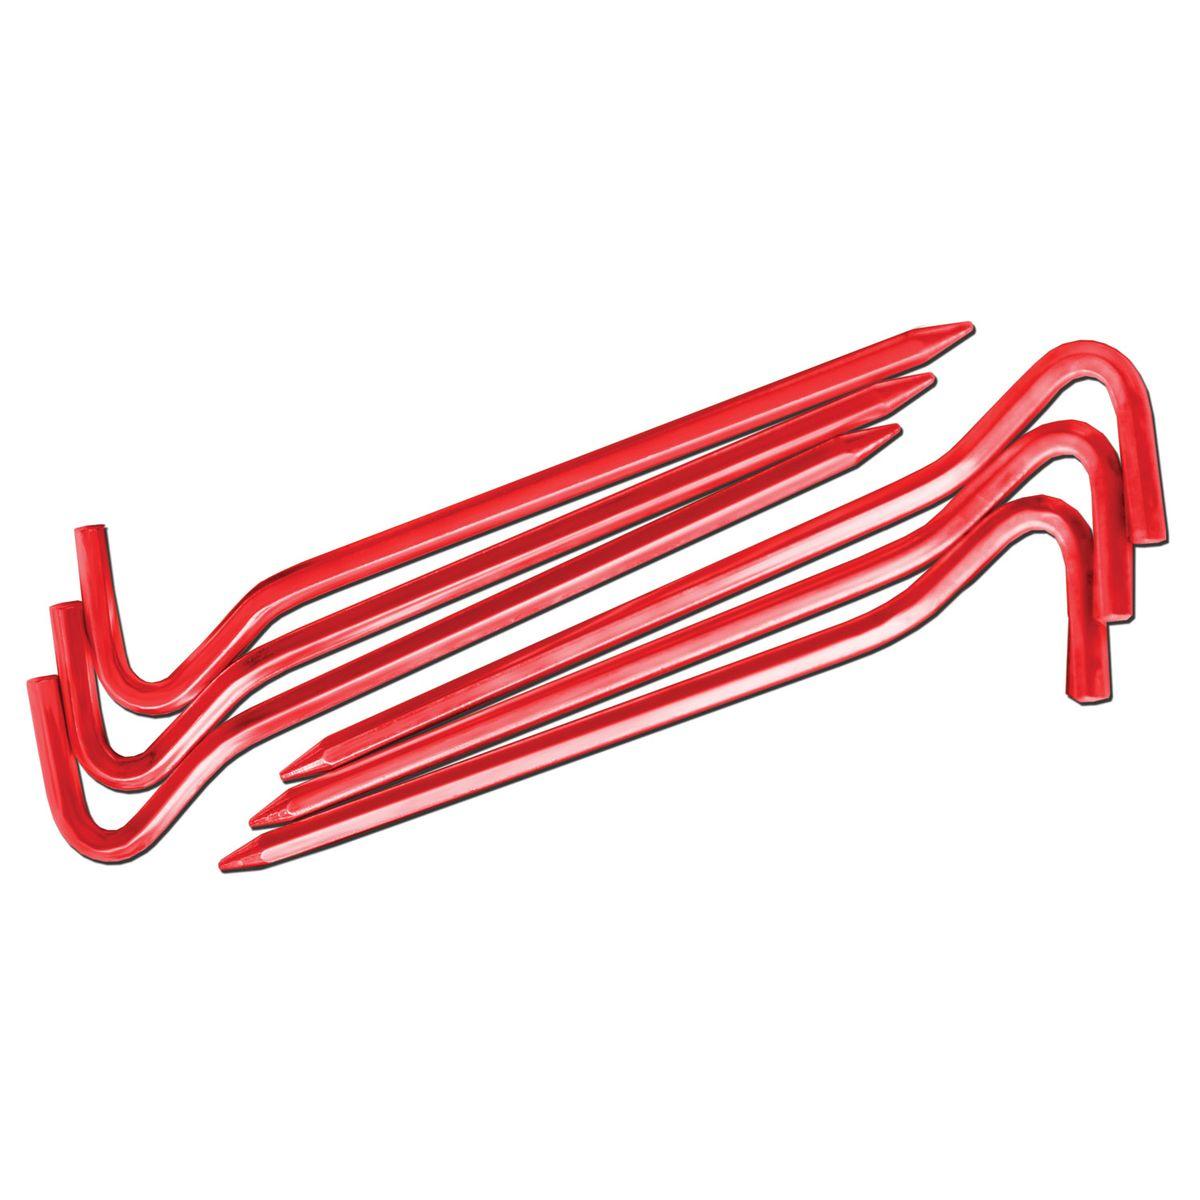 Комплект колышков шестигранных Nova Tour v2, цвет: красный металлик, 10 шт